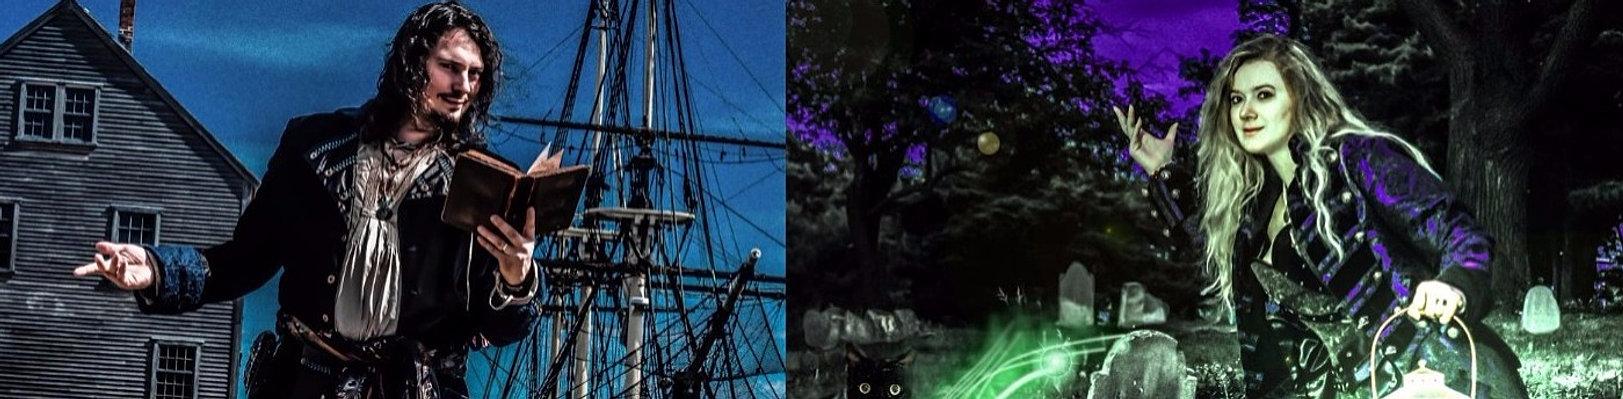 Black Cat Tour Salem Reviews